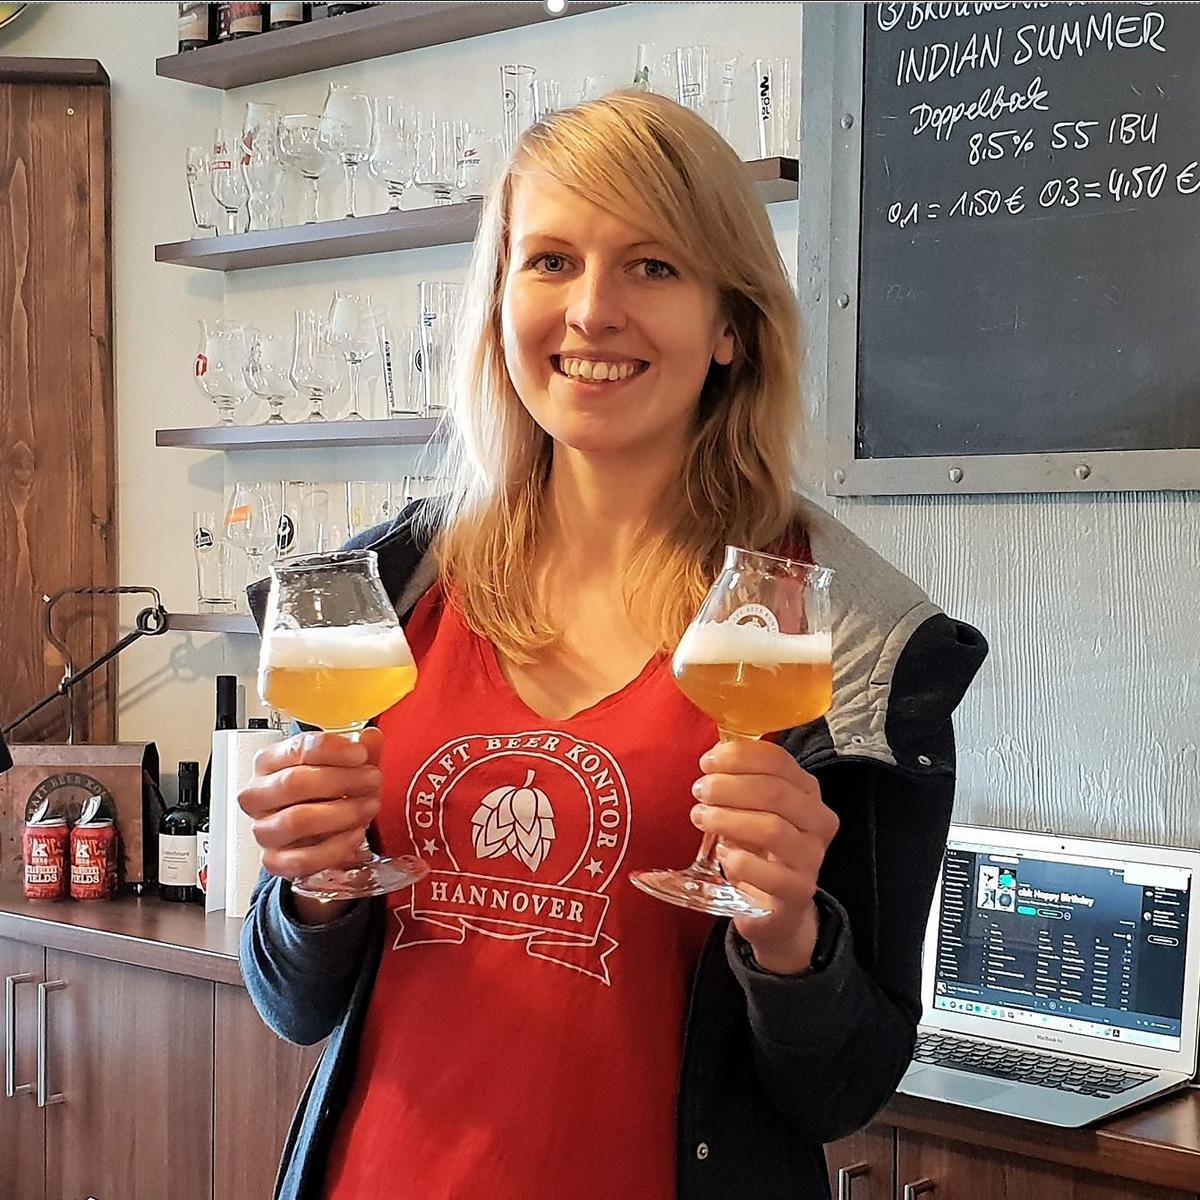 """Style Hannover Craft Beer Kontor Janina INSTA - Craft Beer Kontor für """"Hahndrang"""""""